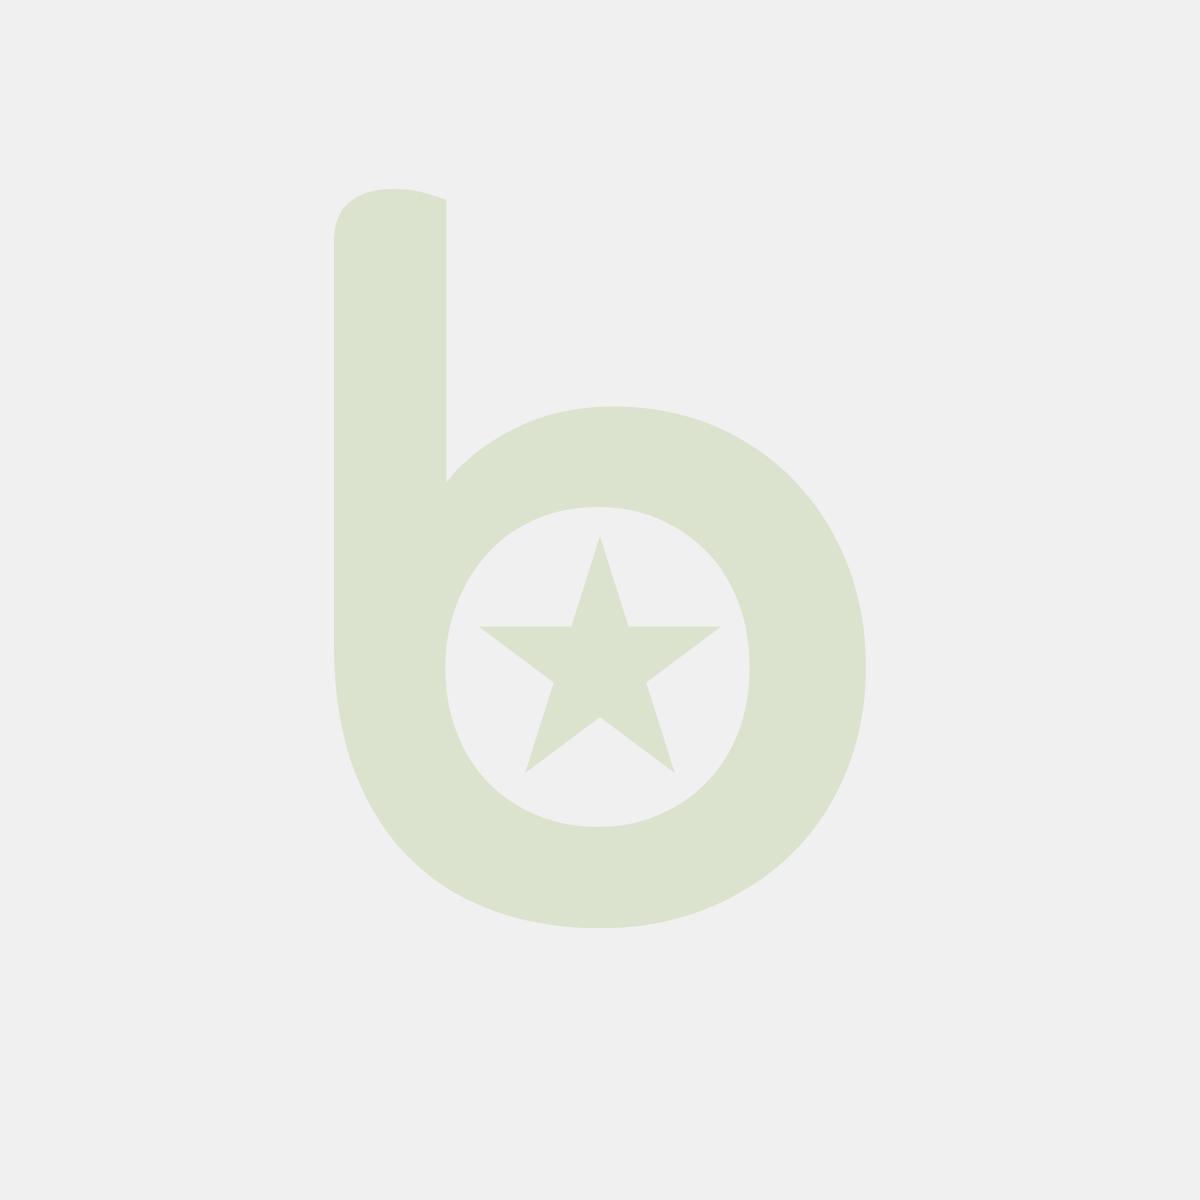 FINGERFOOD - kubek 70ml śr.6xh.6,4cm PS transparentny op. 25 sztuk